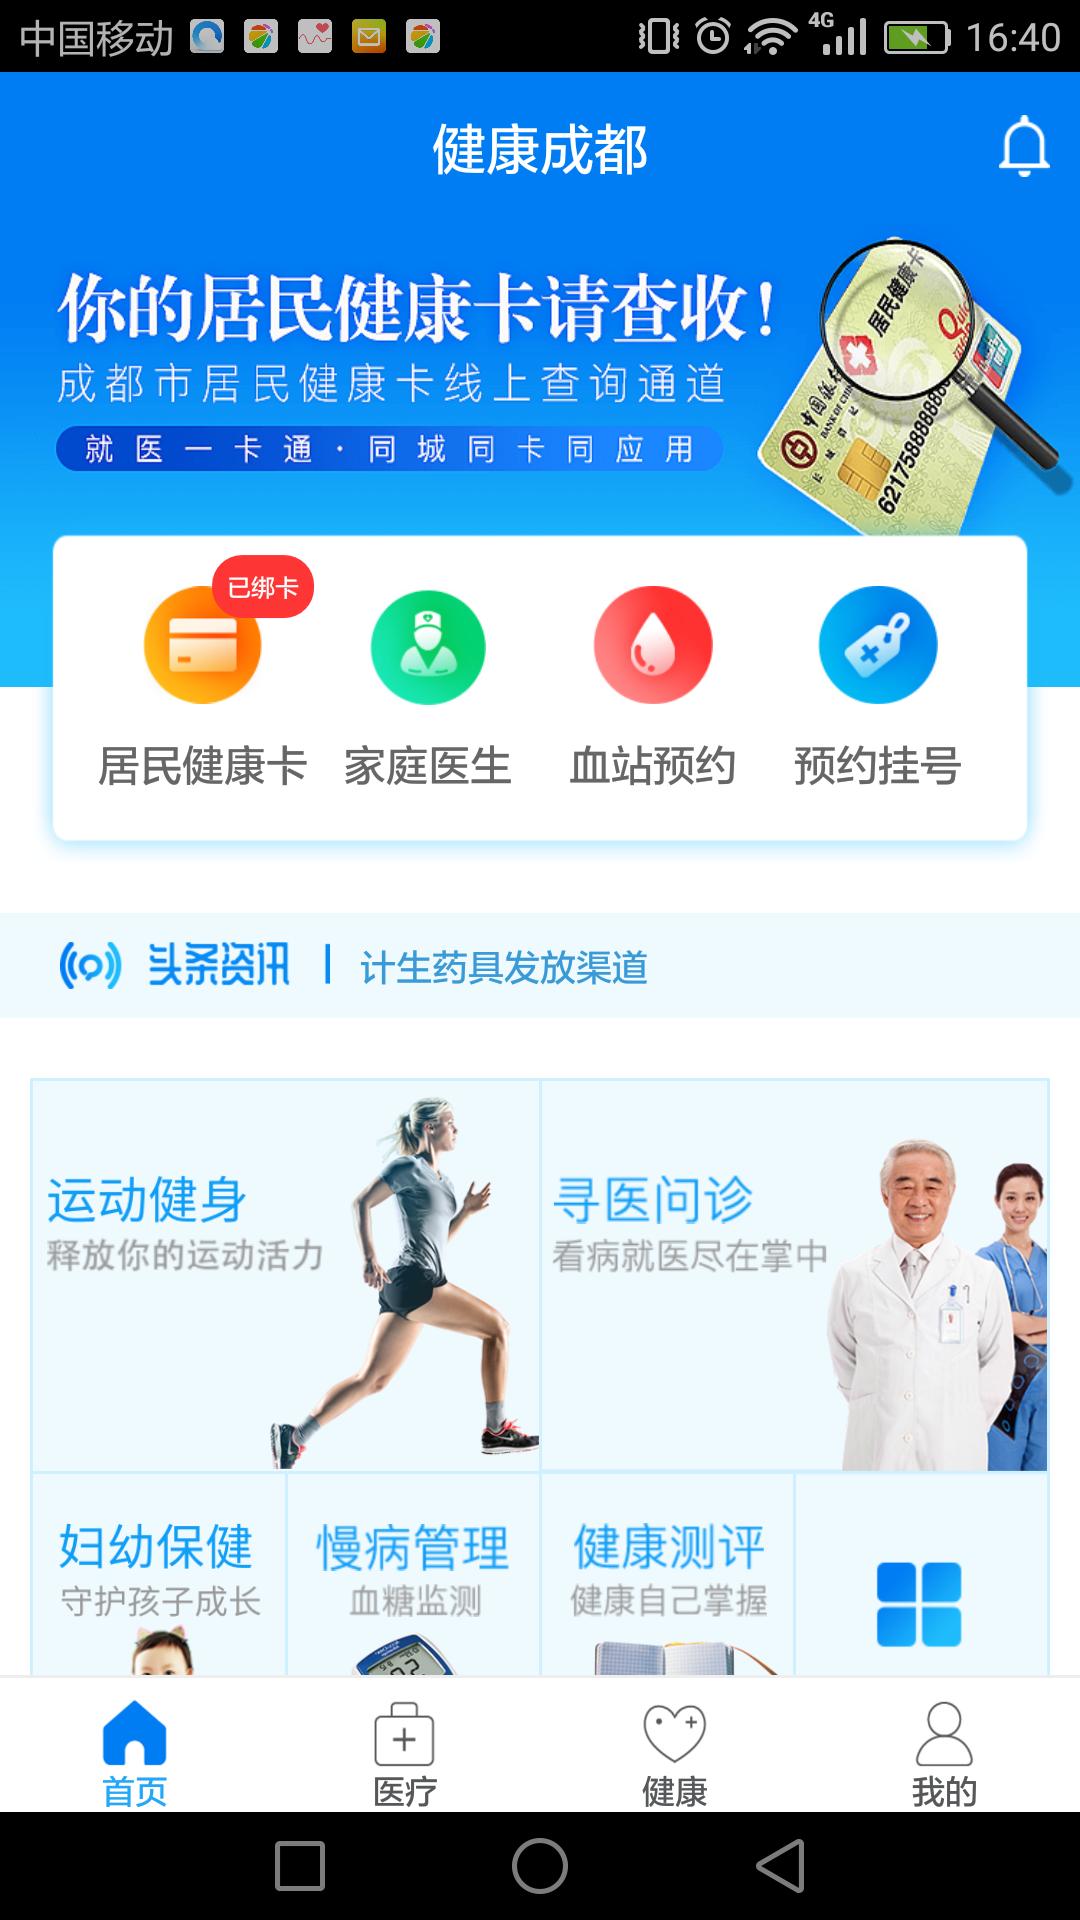 健康成都平台软件截图0